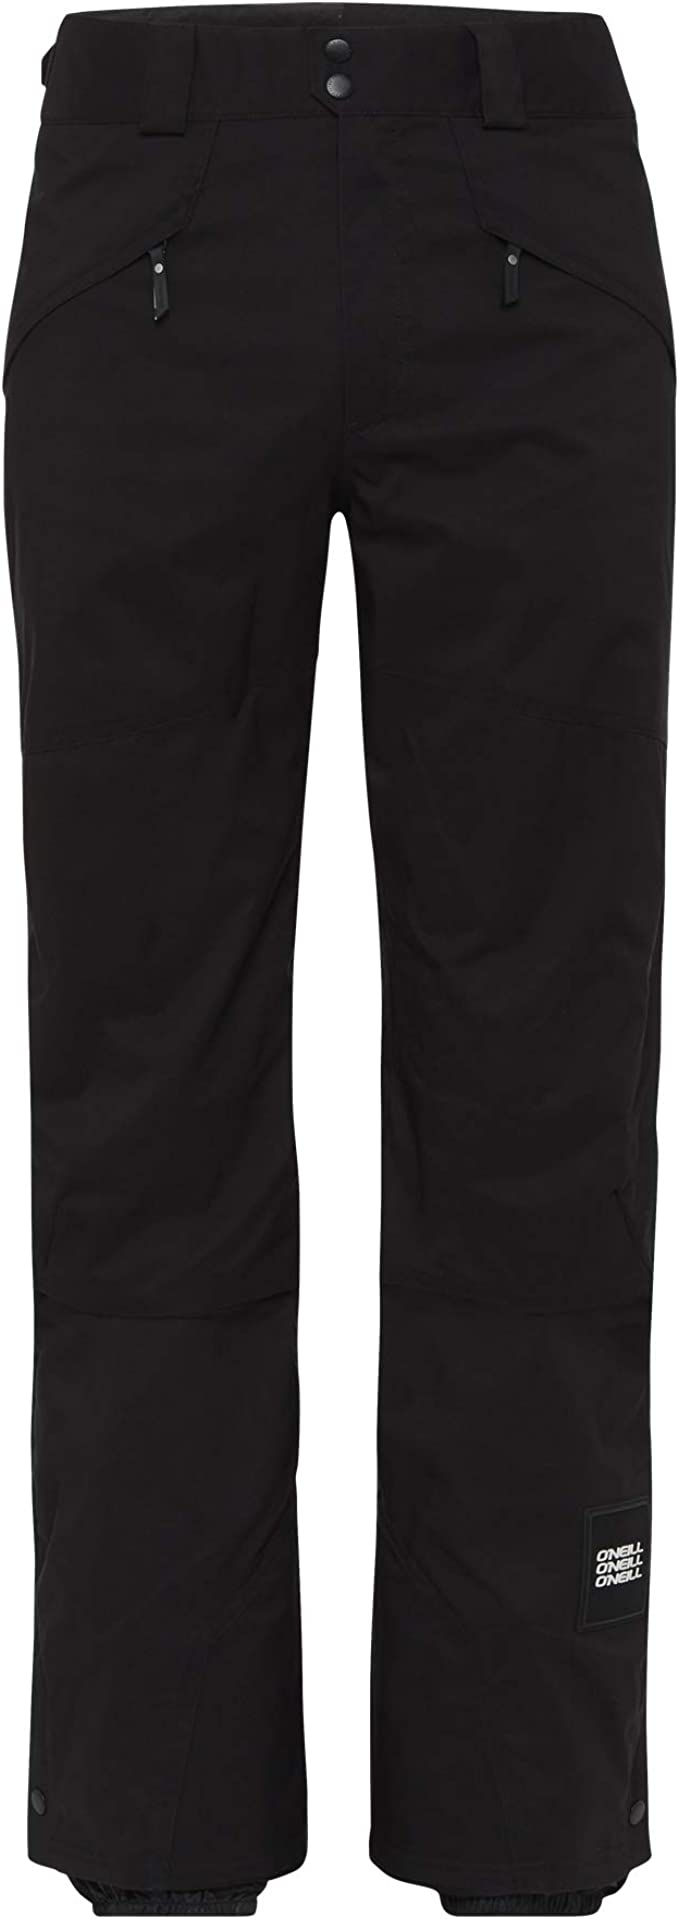 O Neill Pm Hammer Slim Pantalones De Nieve Hombre Amazon Es Ropa Y Accesorios